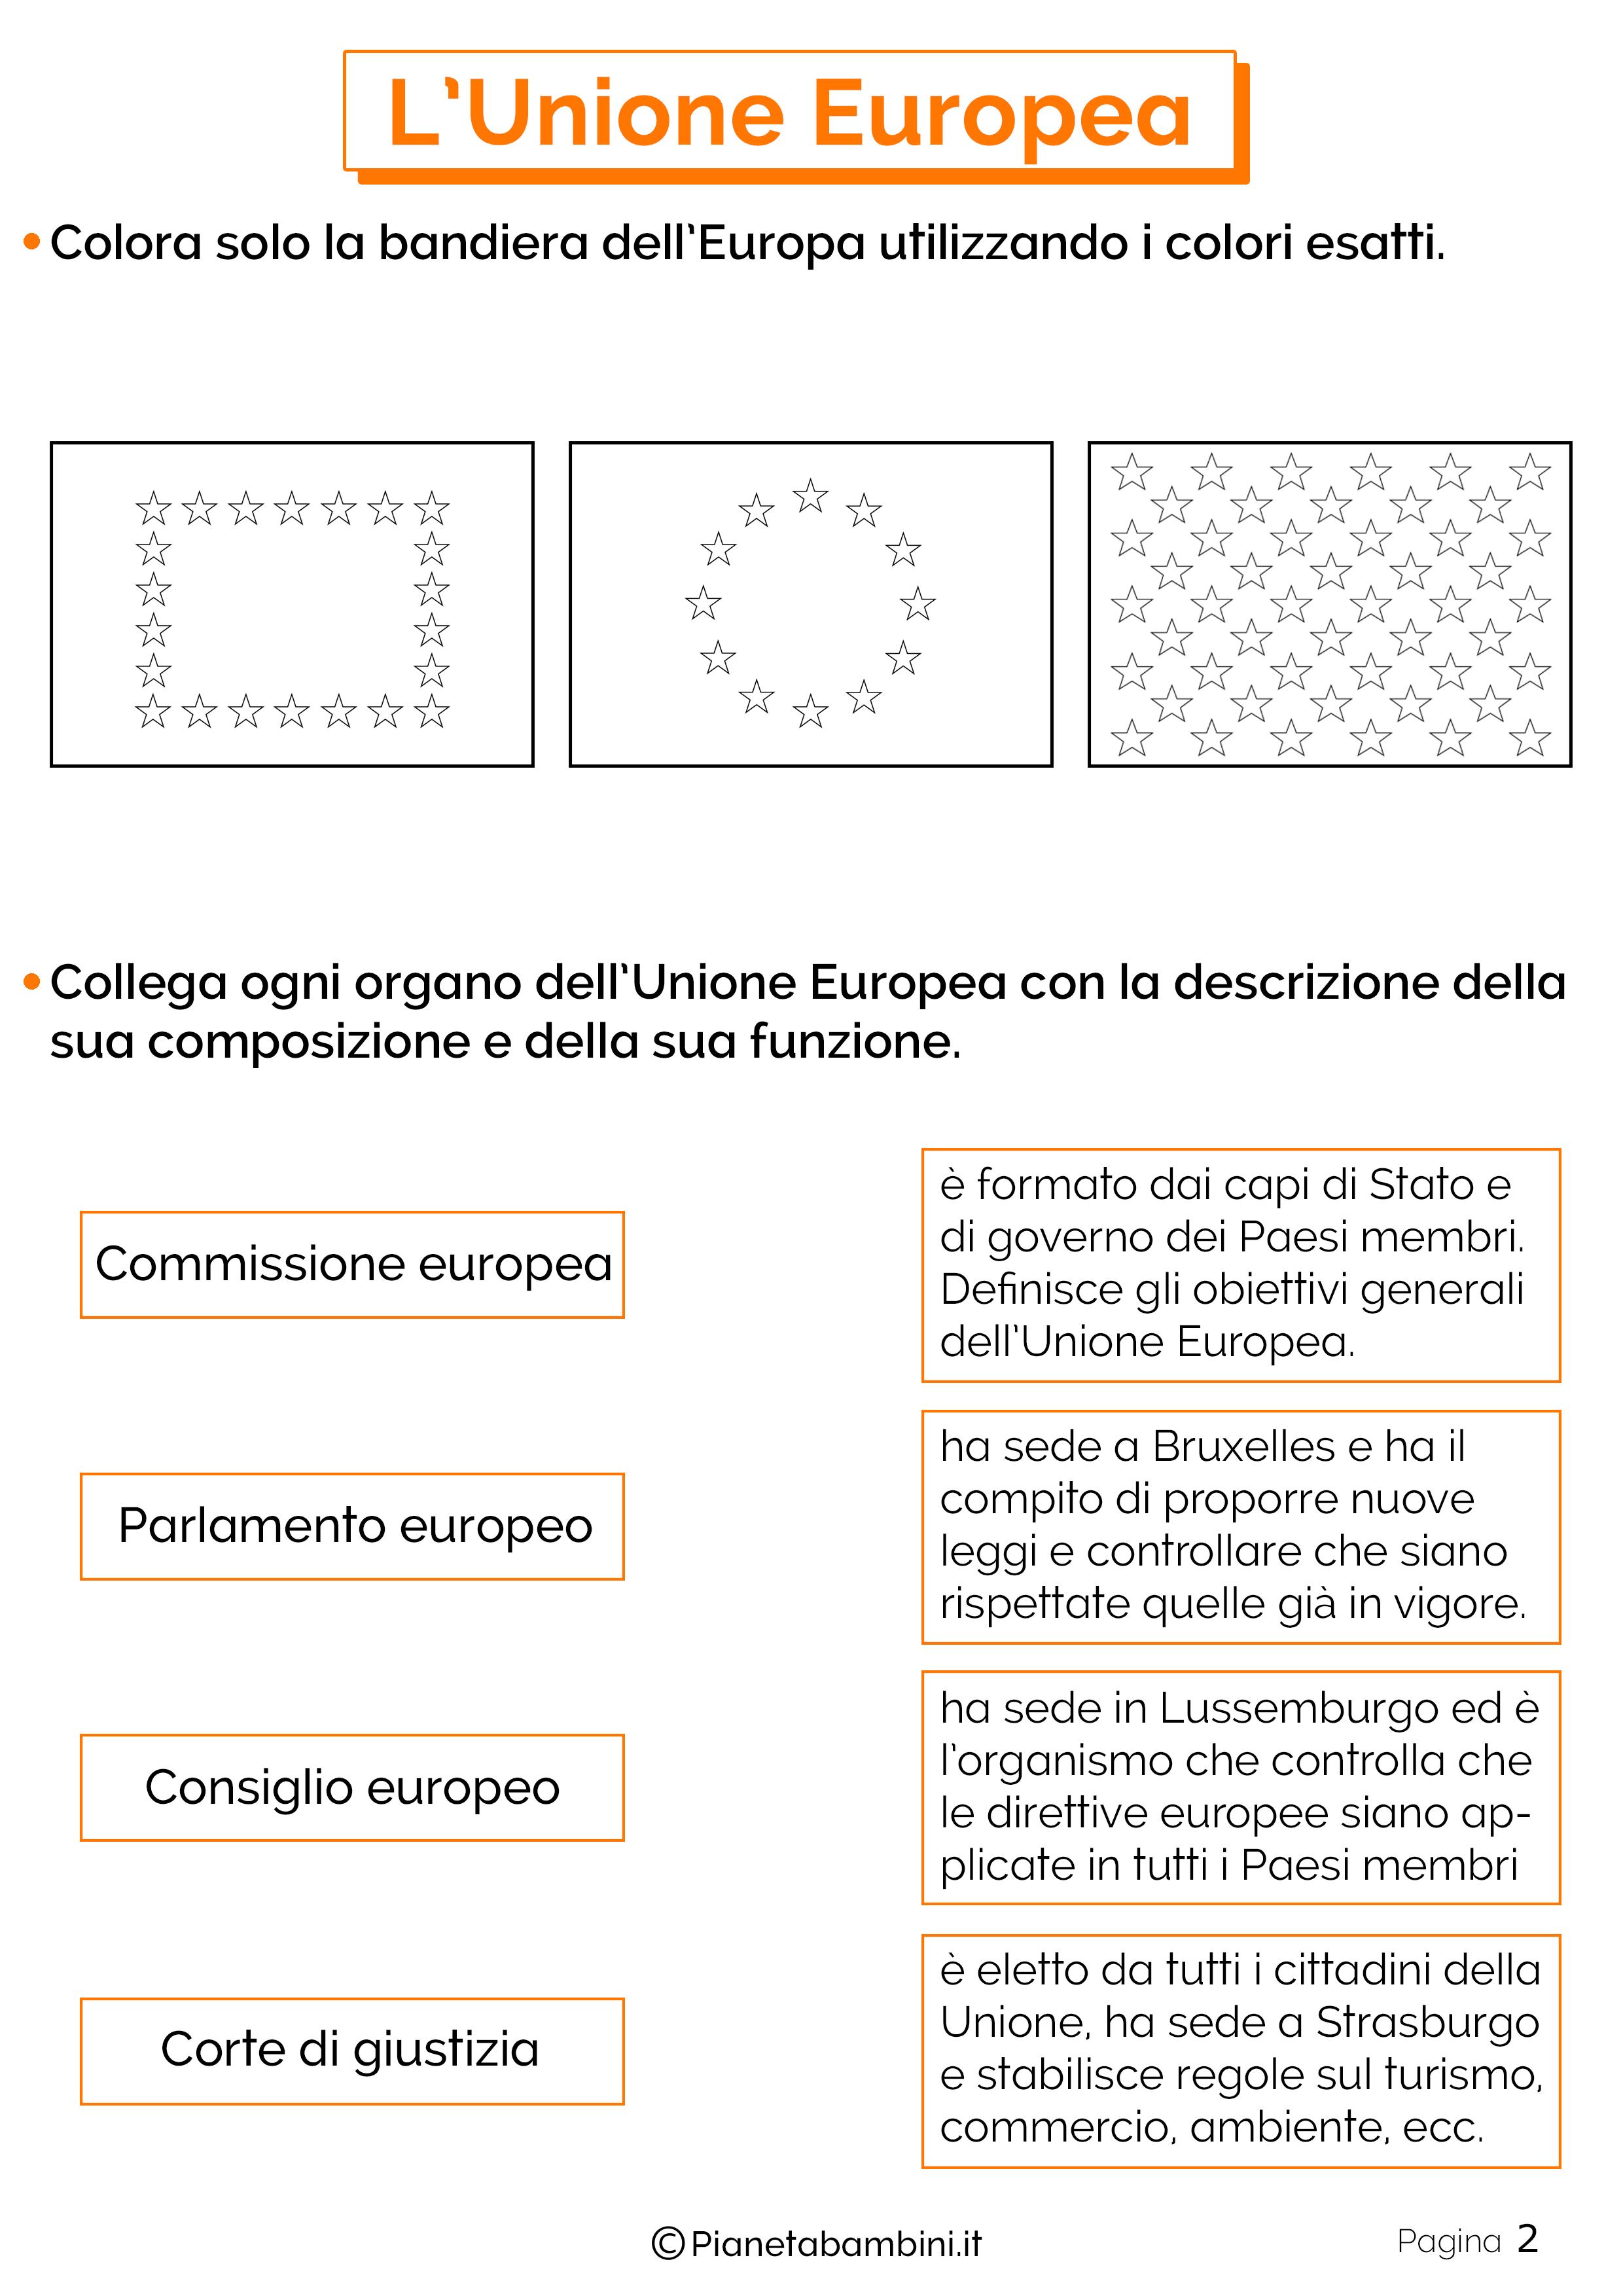 Esercizi sull'Unione Europea 2